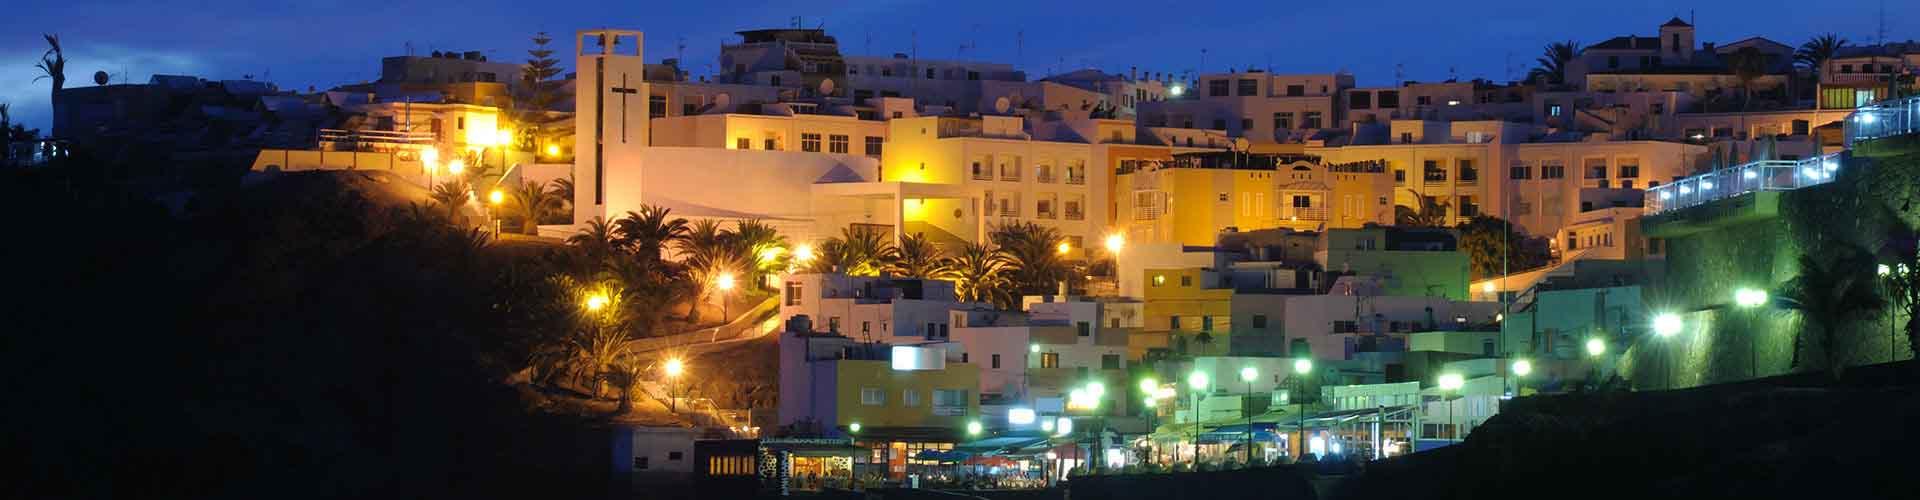 Fuerteventura - Hostales en Fuerteventura. Mapas de Fuerteventura, Fotos y comentarios de cada Hostal en Fuerteventura.